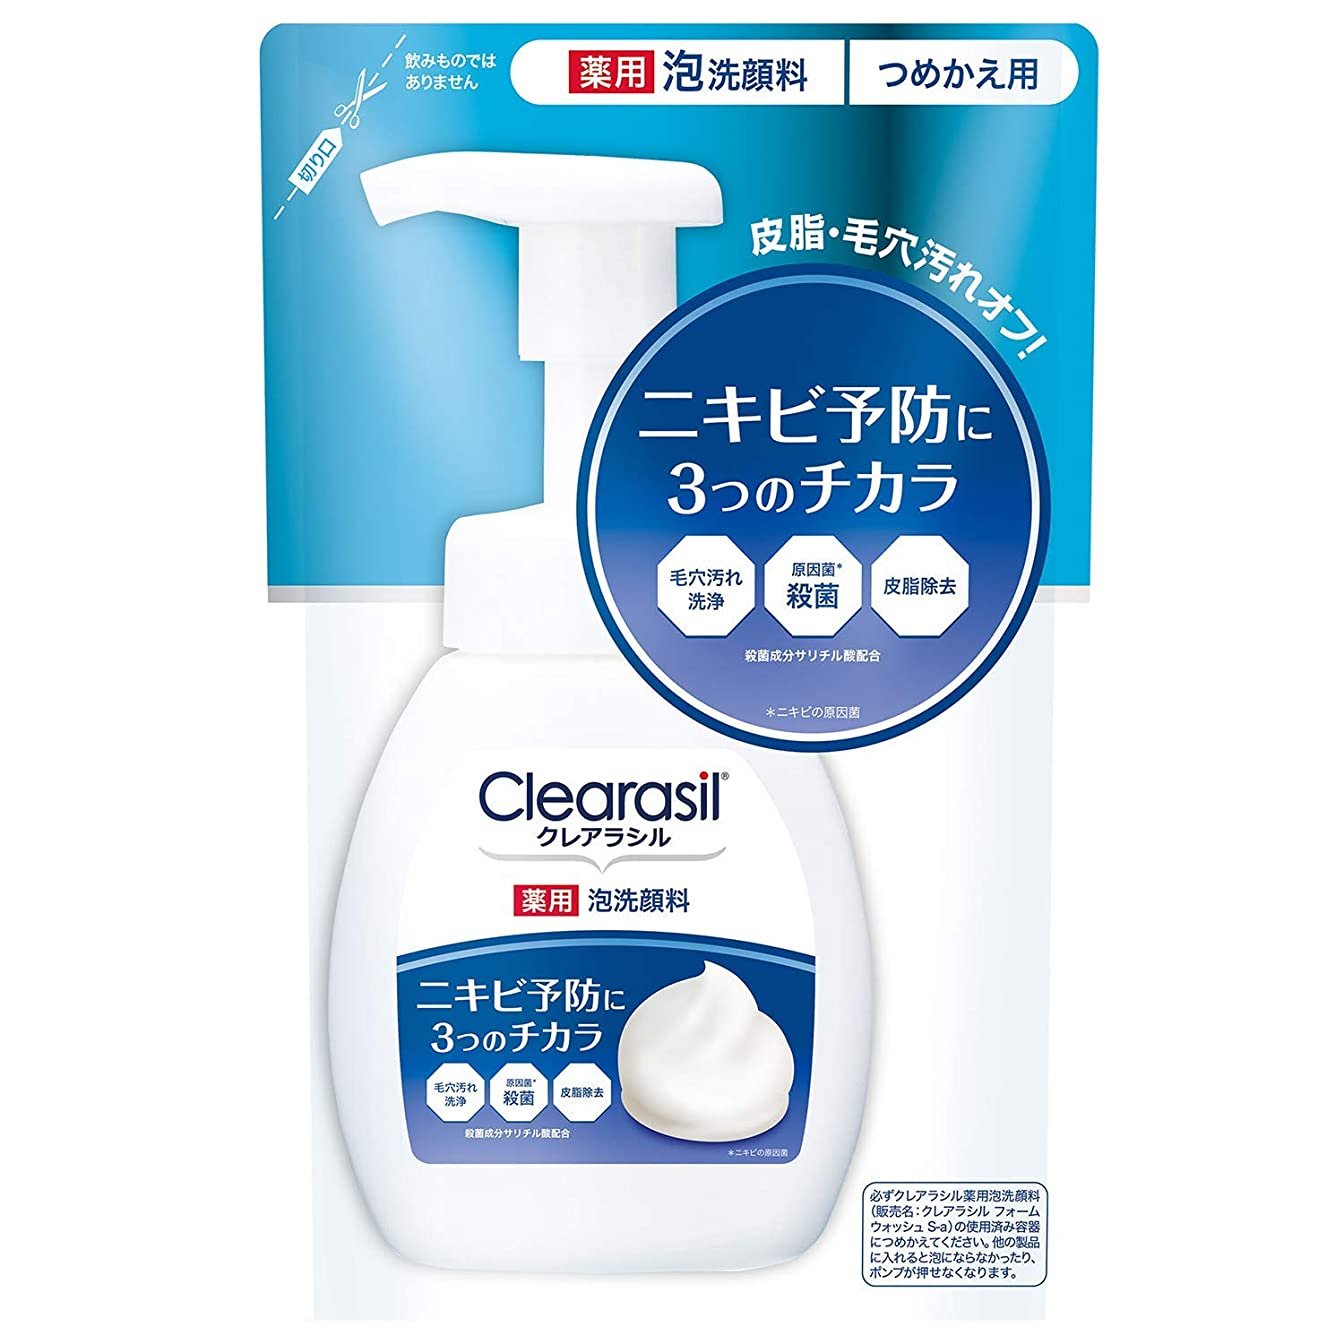 動く不適当ヒゲクジラ【clearasil】クレアラシル 薬用泡洗顔フォーム10 つめかえ用 (180ml) ×10個セット